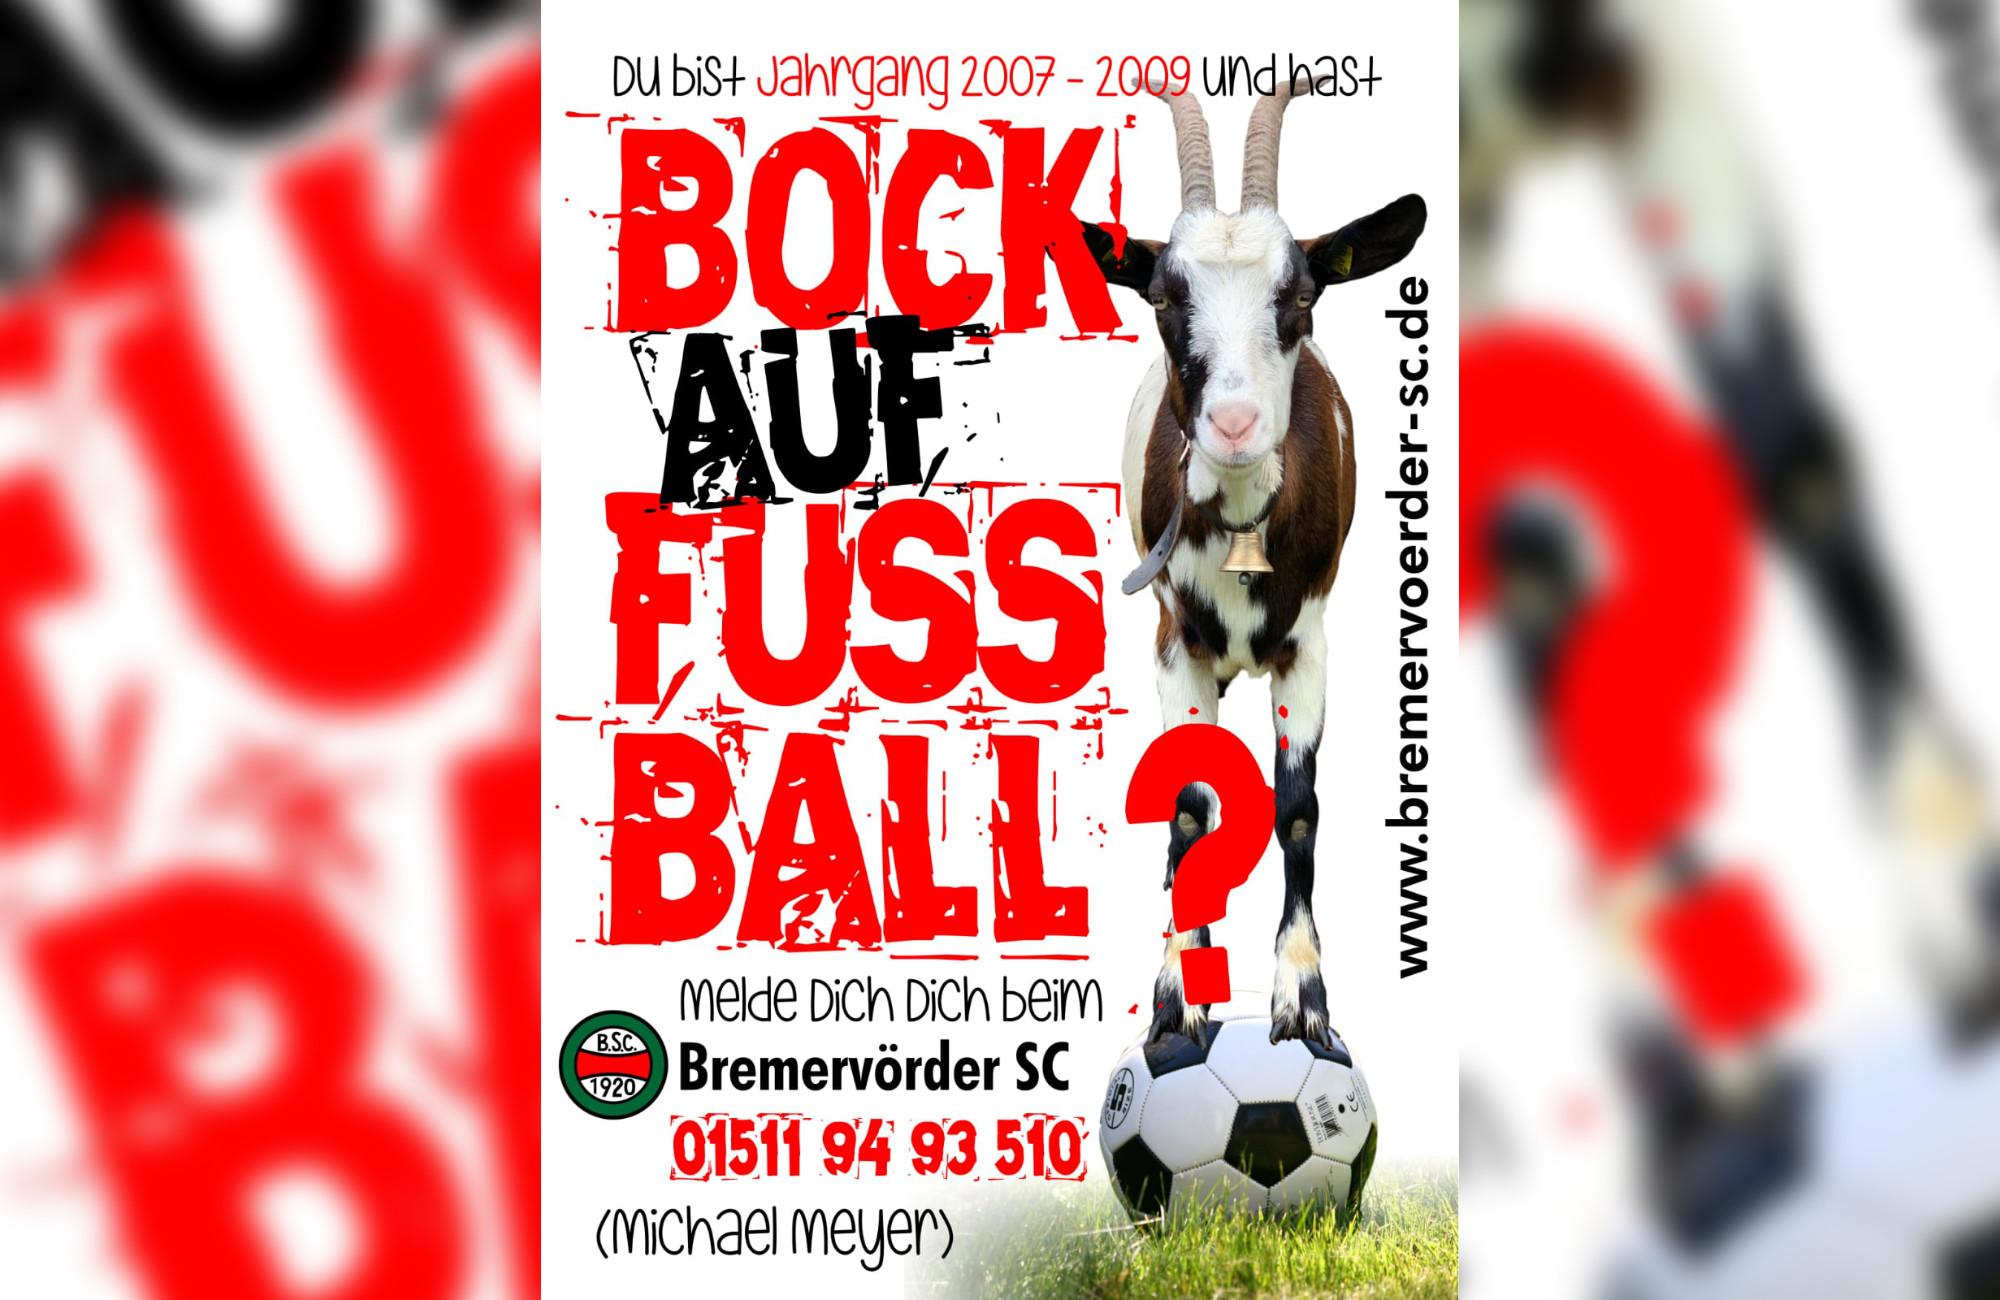 bock-auf-fussball